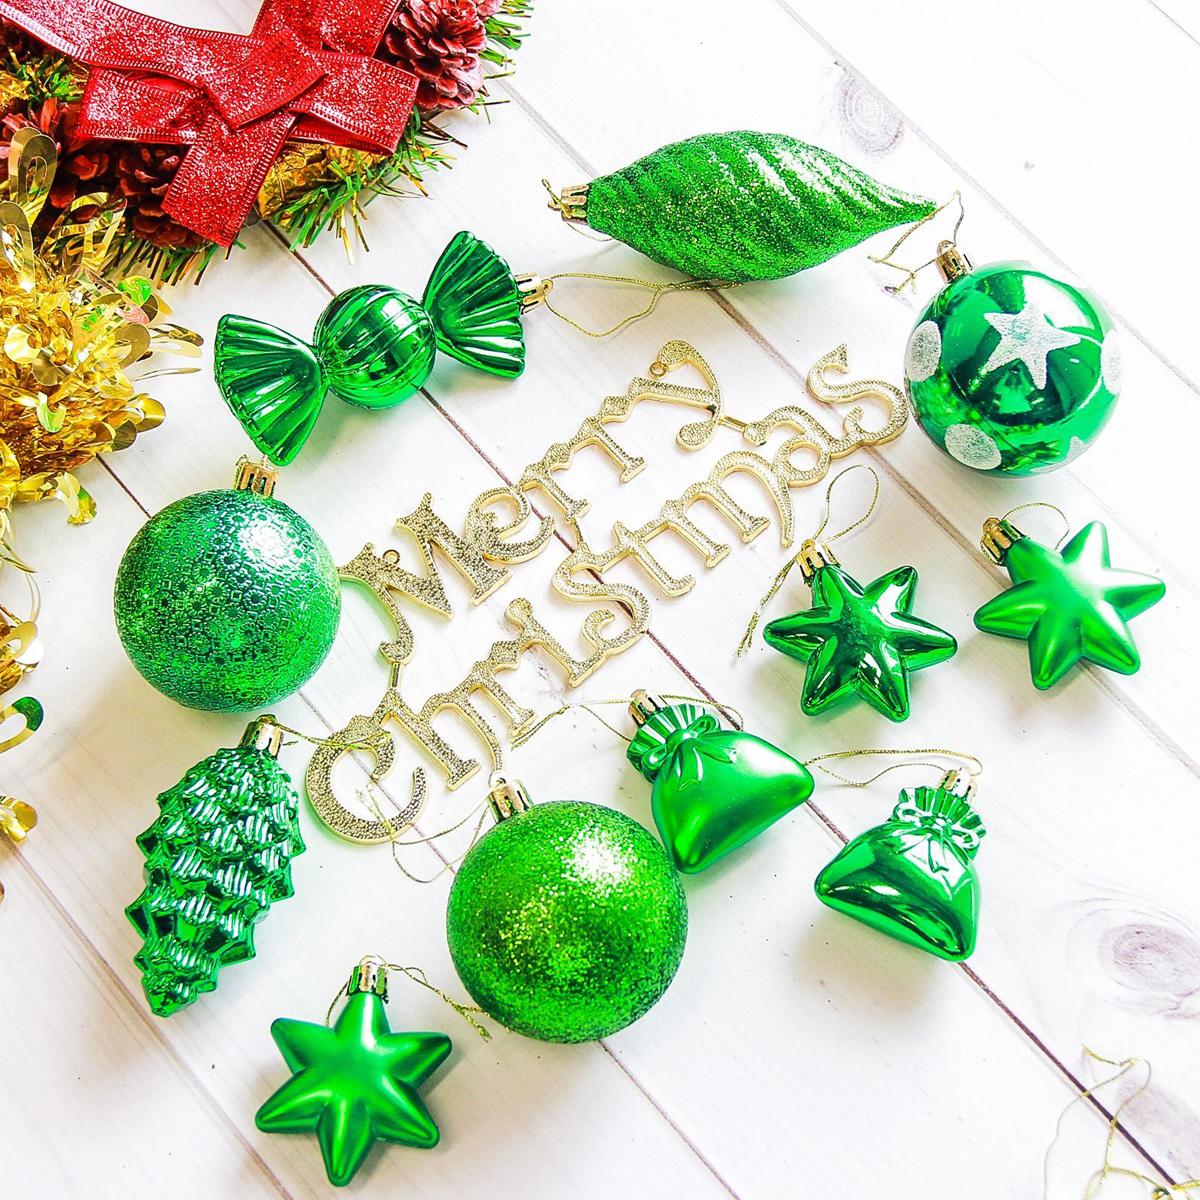 Набор новогодних подвесных украшений Sima-land Виваче, цвет: зеленый, 28 шт2178265Набор новогодних подвесных украшений Sima-land отлично подойдет для декорации вашего дома и новогодней ели. С помощью специальной петельки украшение можно повесить в любом понравившемся вам месте. Но, конечно, удачнее всего оно будет смотреться на праздничной елке. Елочная игрушка - символ Нового года. Она несет в себе волшебство и красоту праздника. Создайте в своем доме атмосферу веселья и радости, украшая новогоднюю елку нарядными игрушками, которые будут из года в год накапливать теплоту воспоминаний.